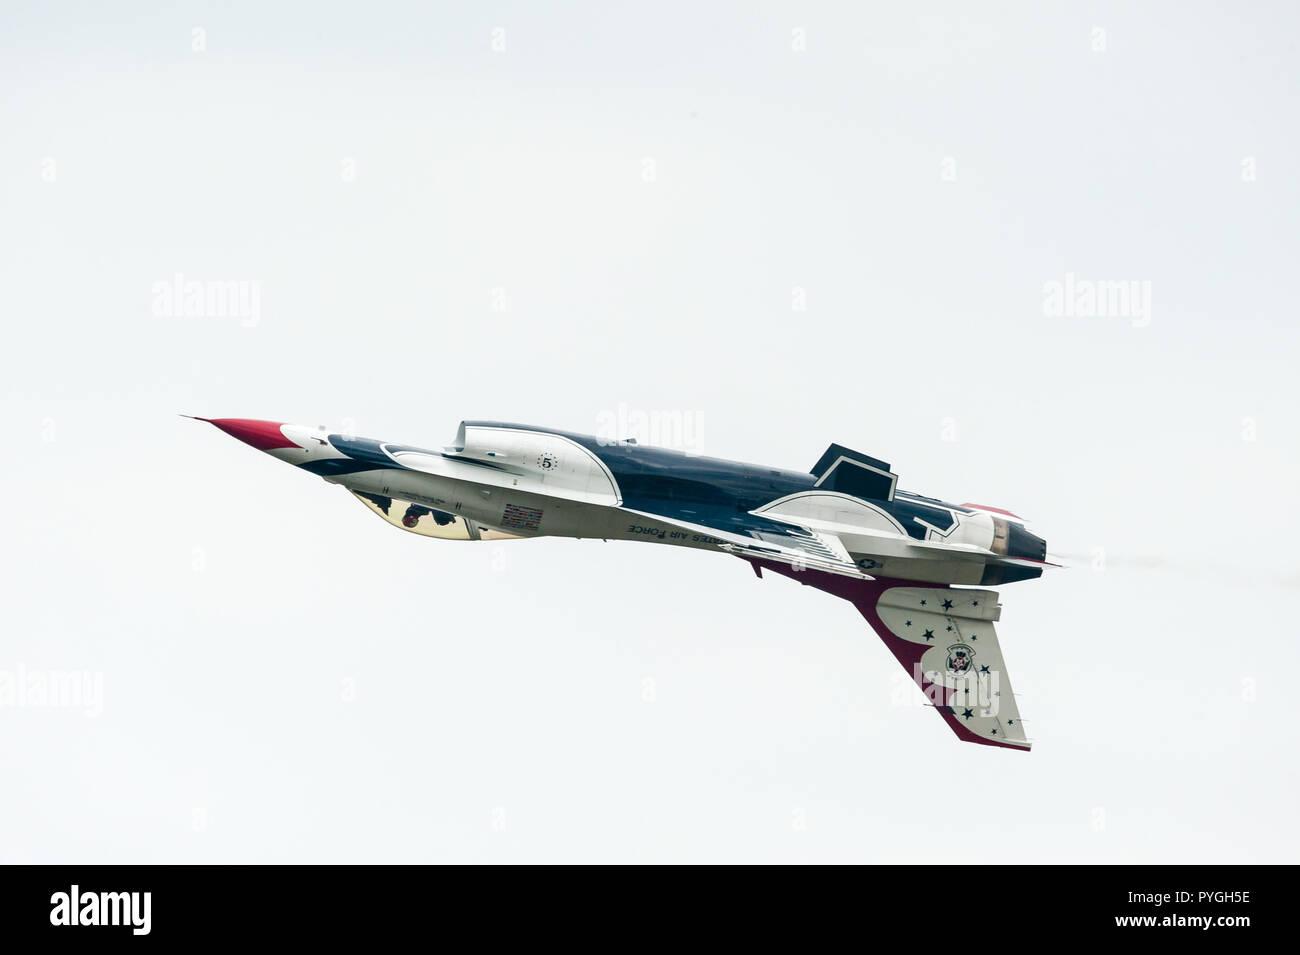 USAF Thunderbirds F16 flying inverted - Stock Image